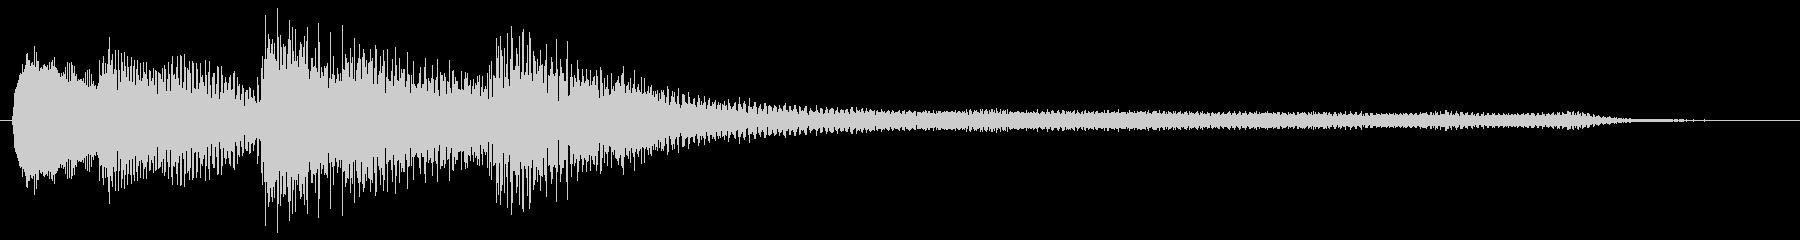 ピアノ サウンドロゴ の未再生の波形